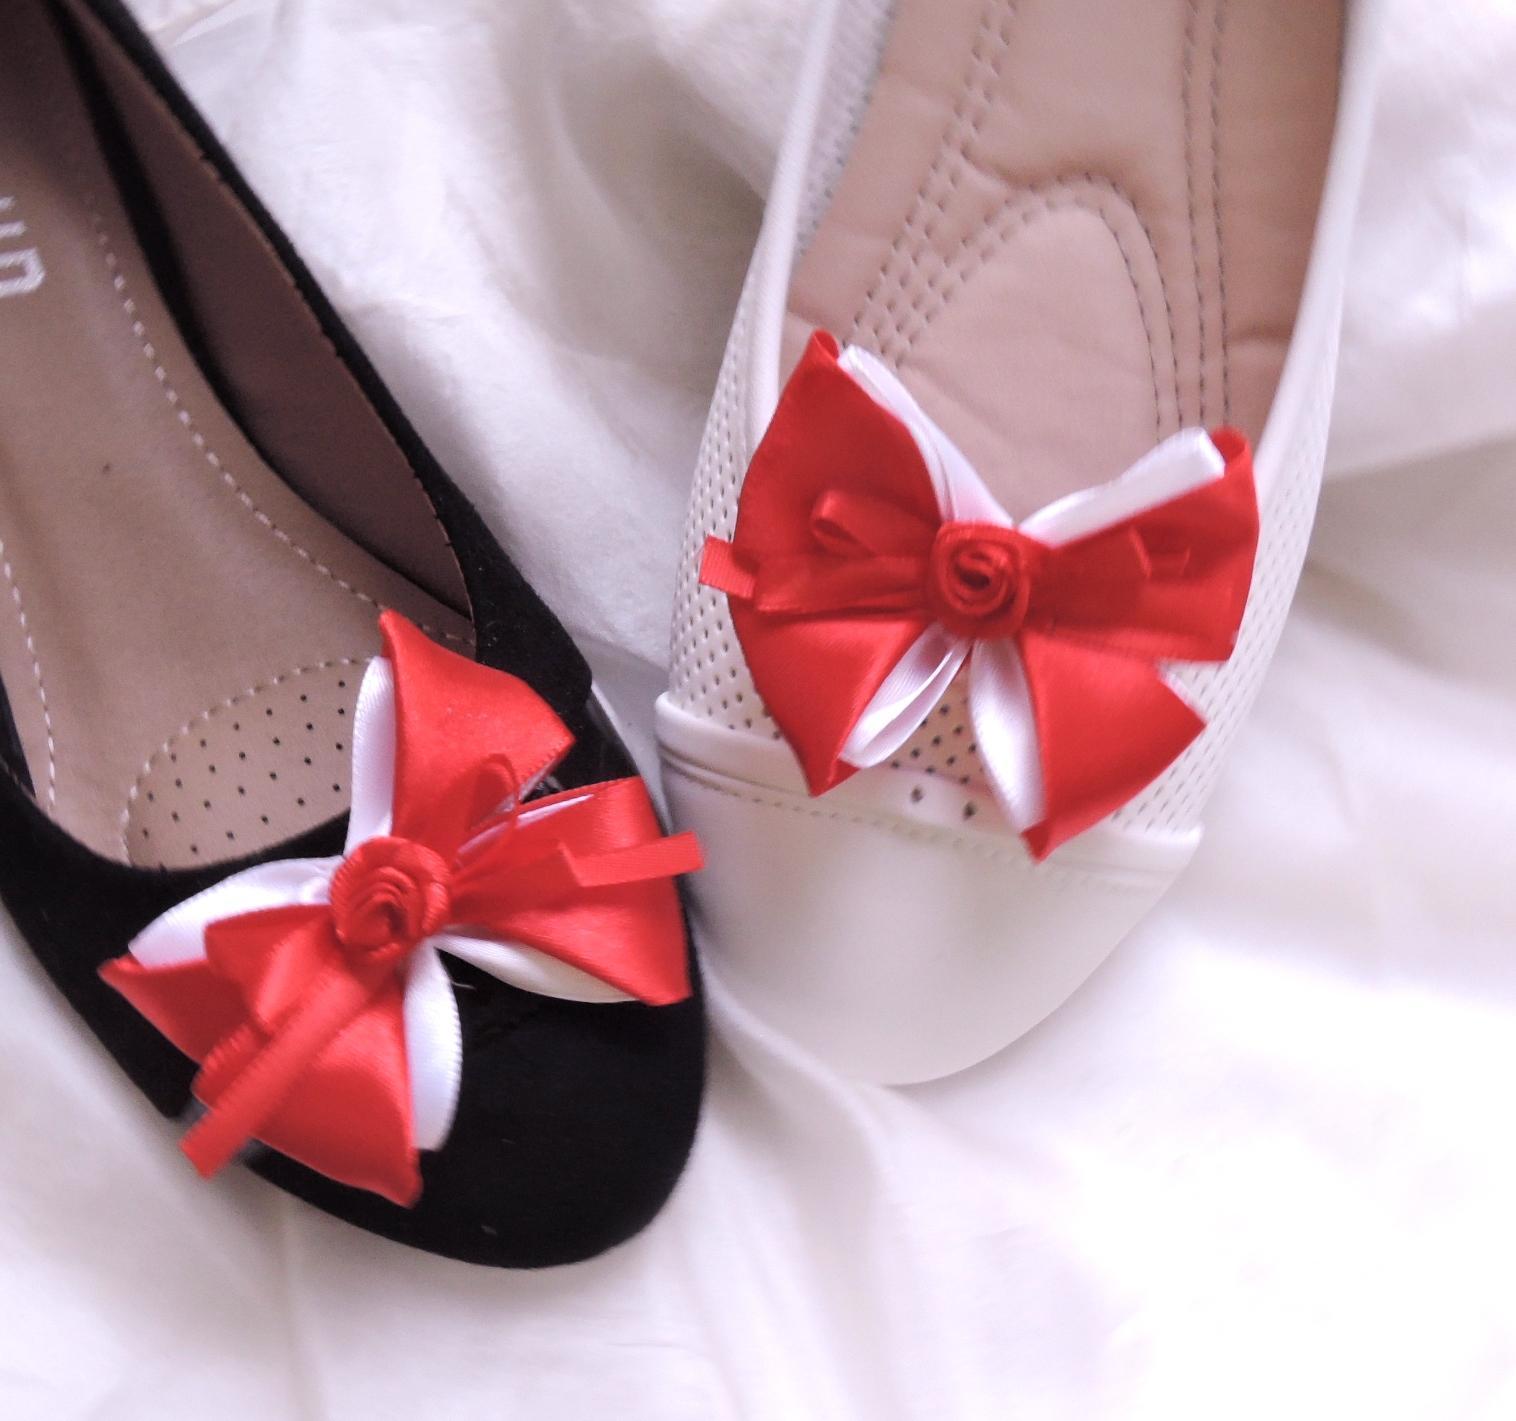 klipy na boty 1 - Obrázek č. 2